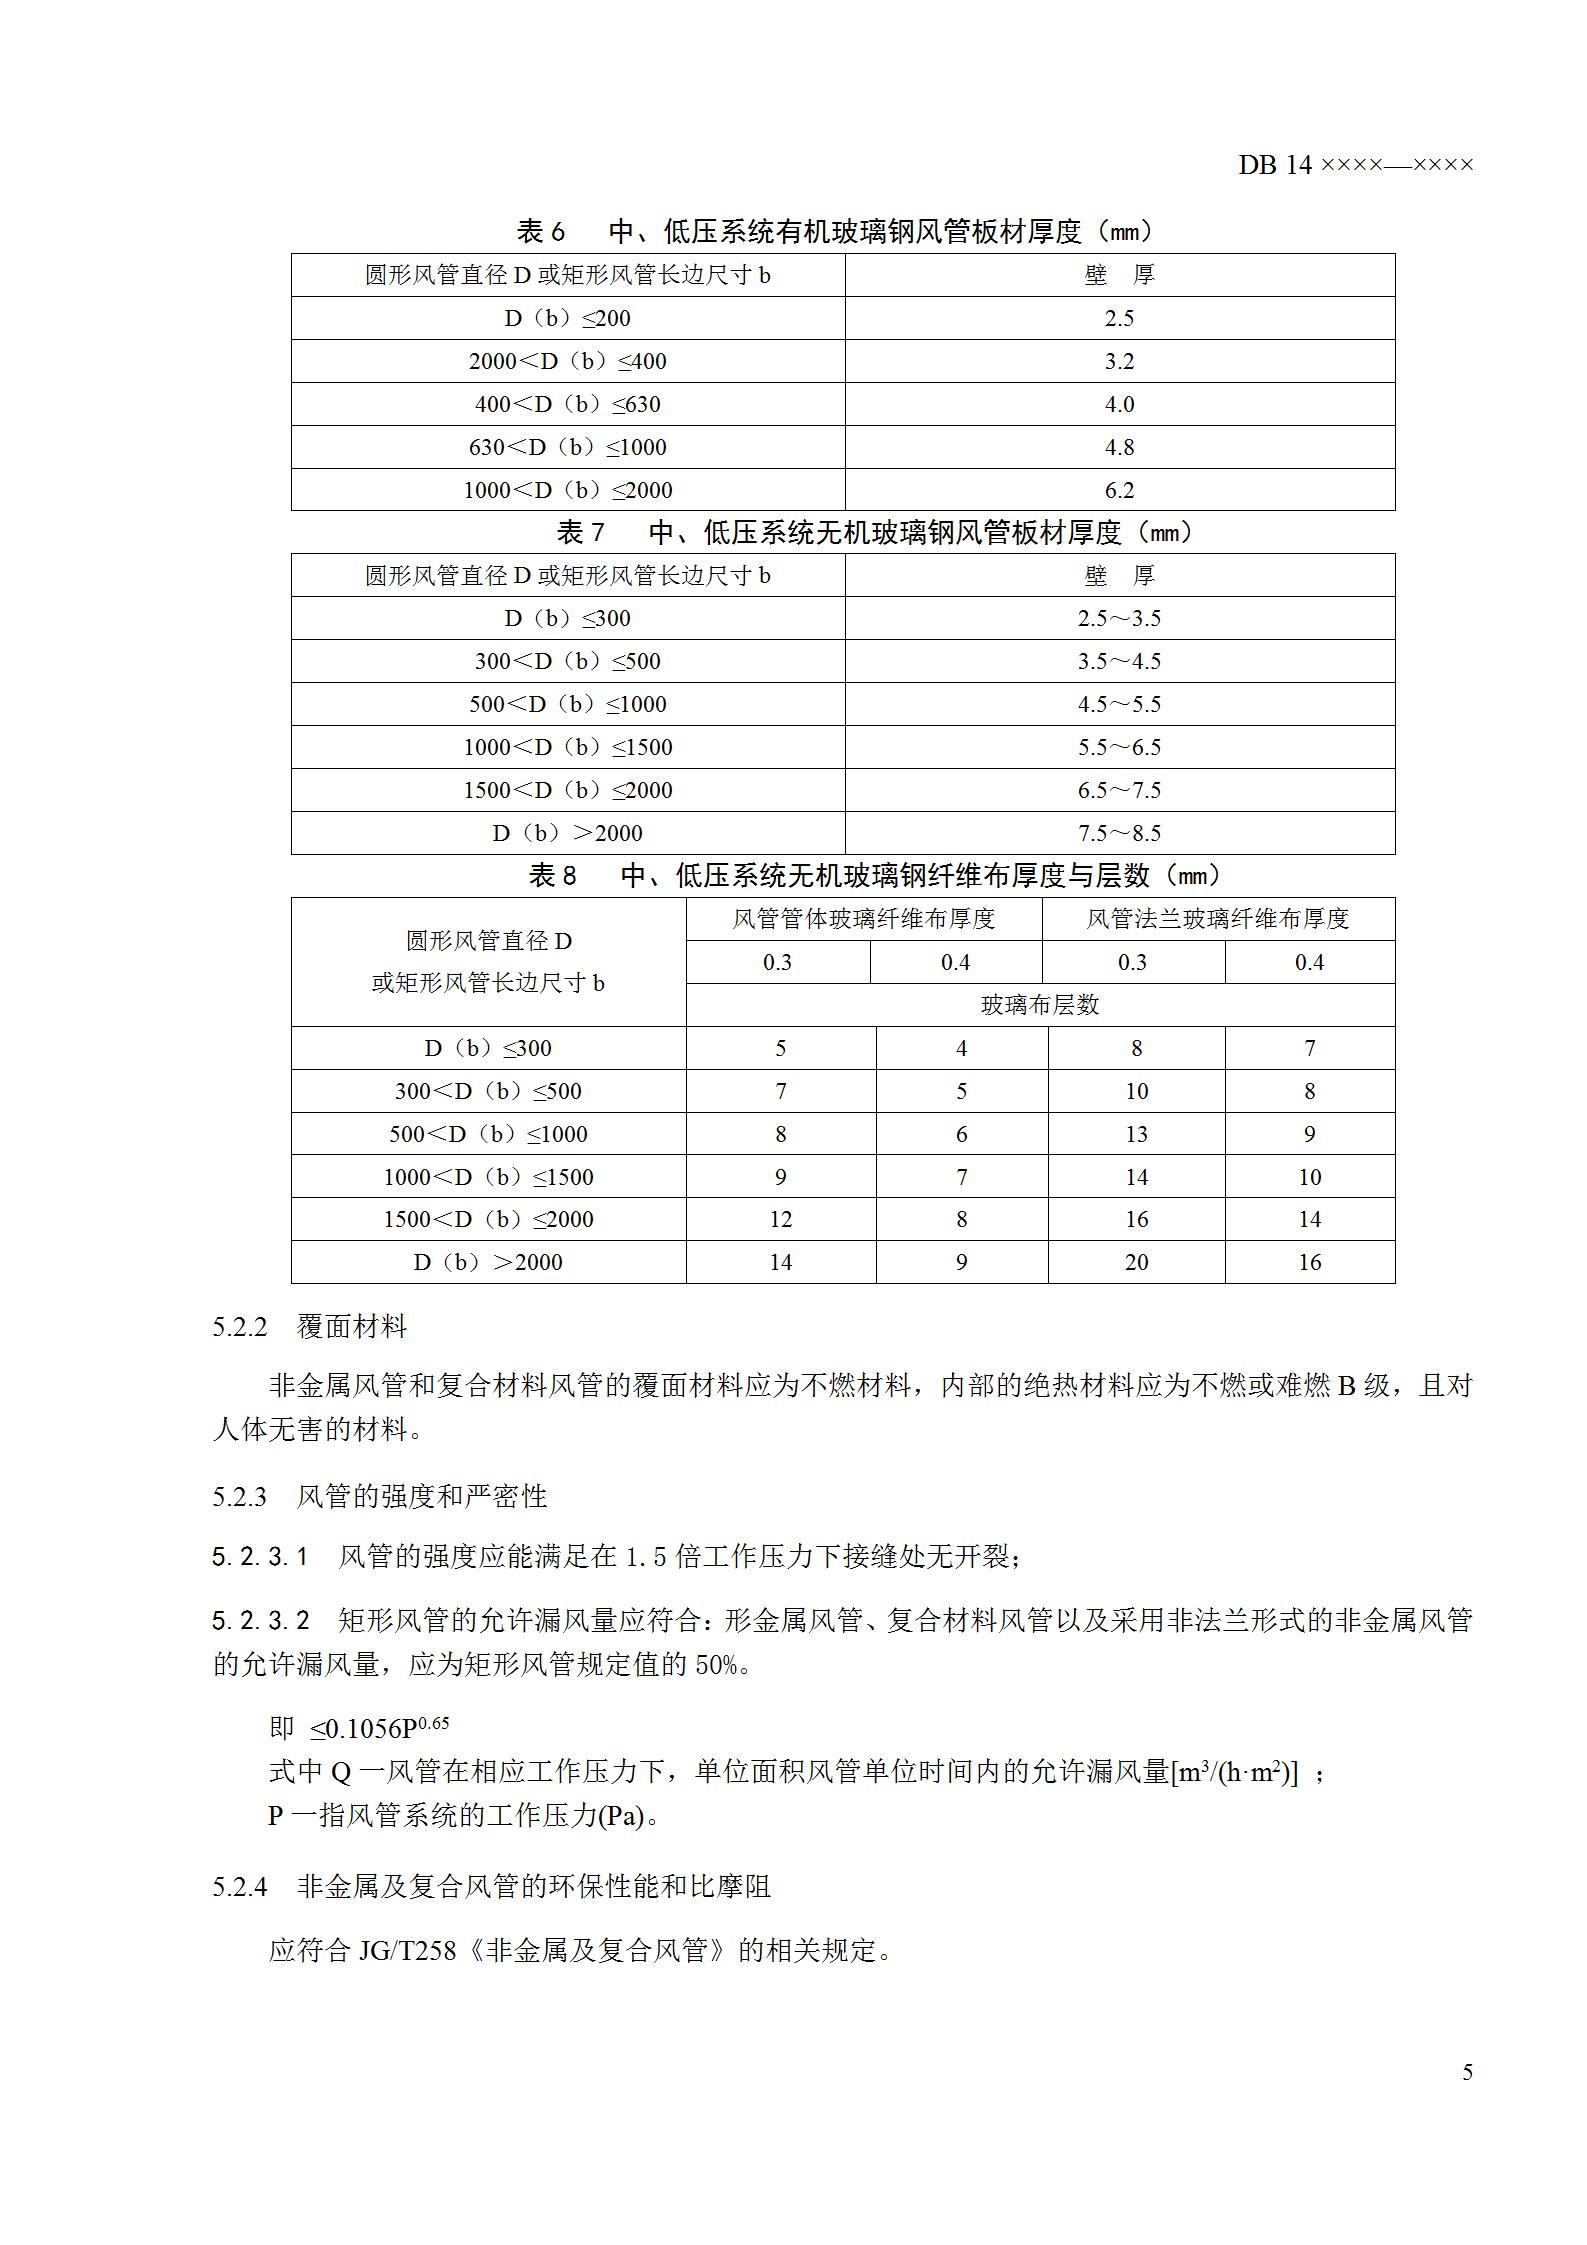 山西省质量技术监督局发布《家用新风系统安装要求》